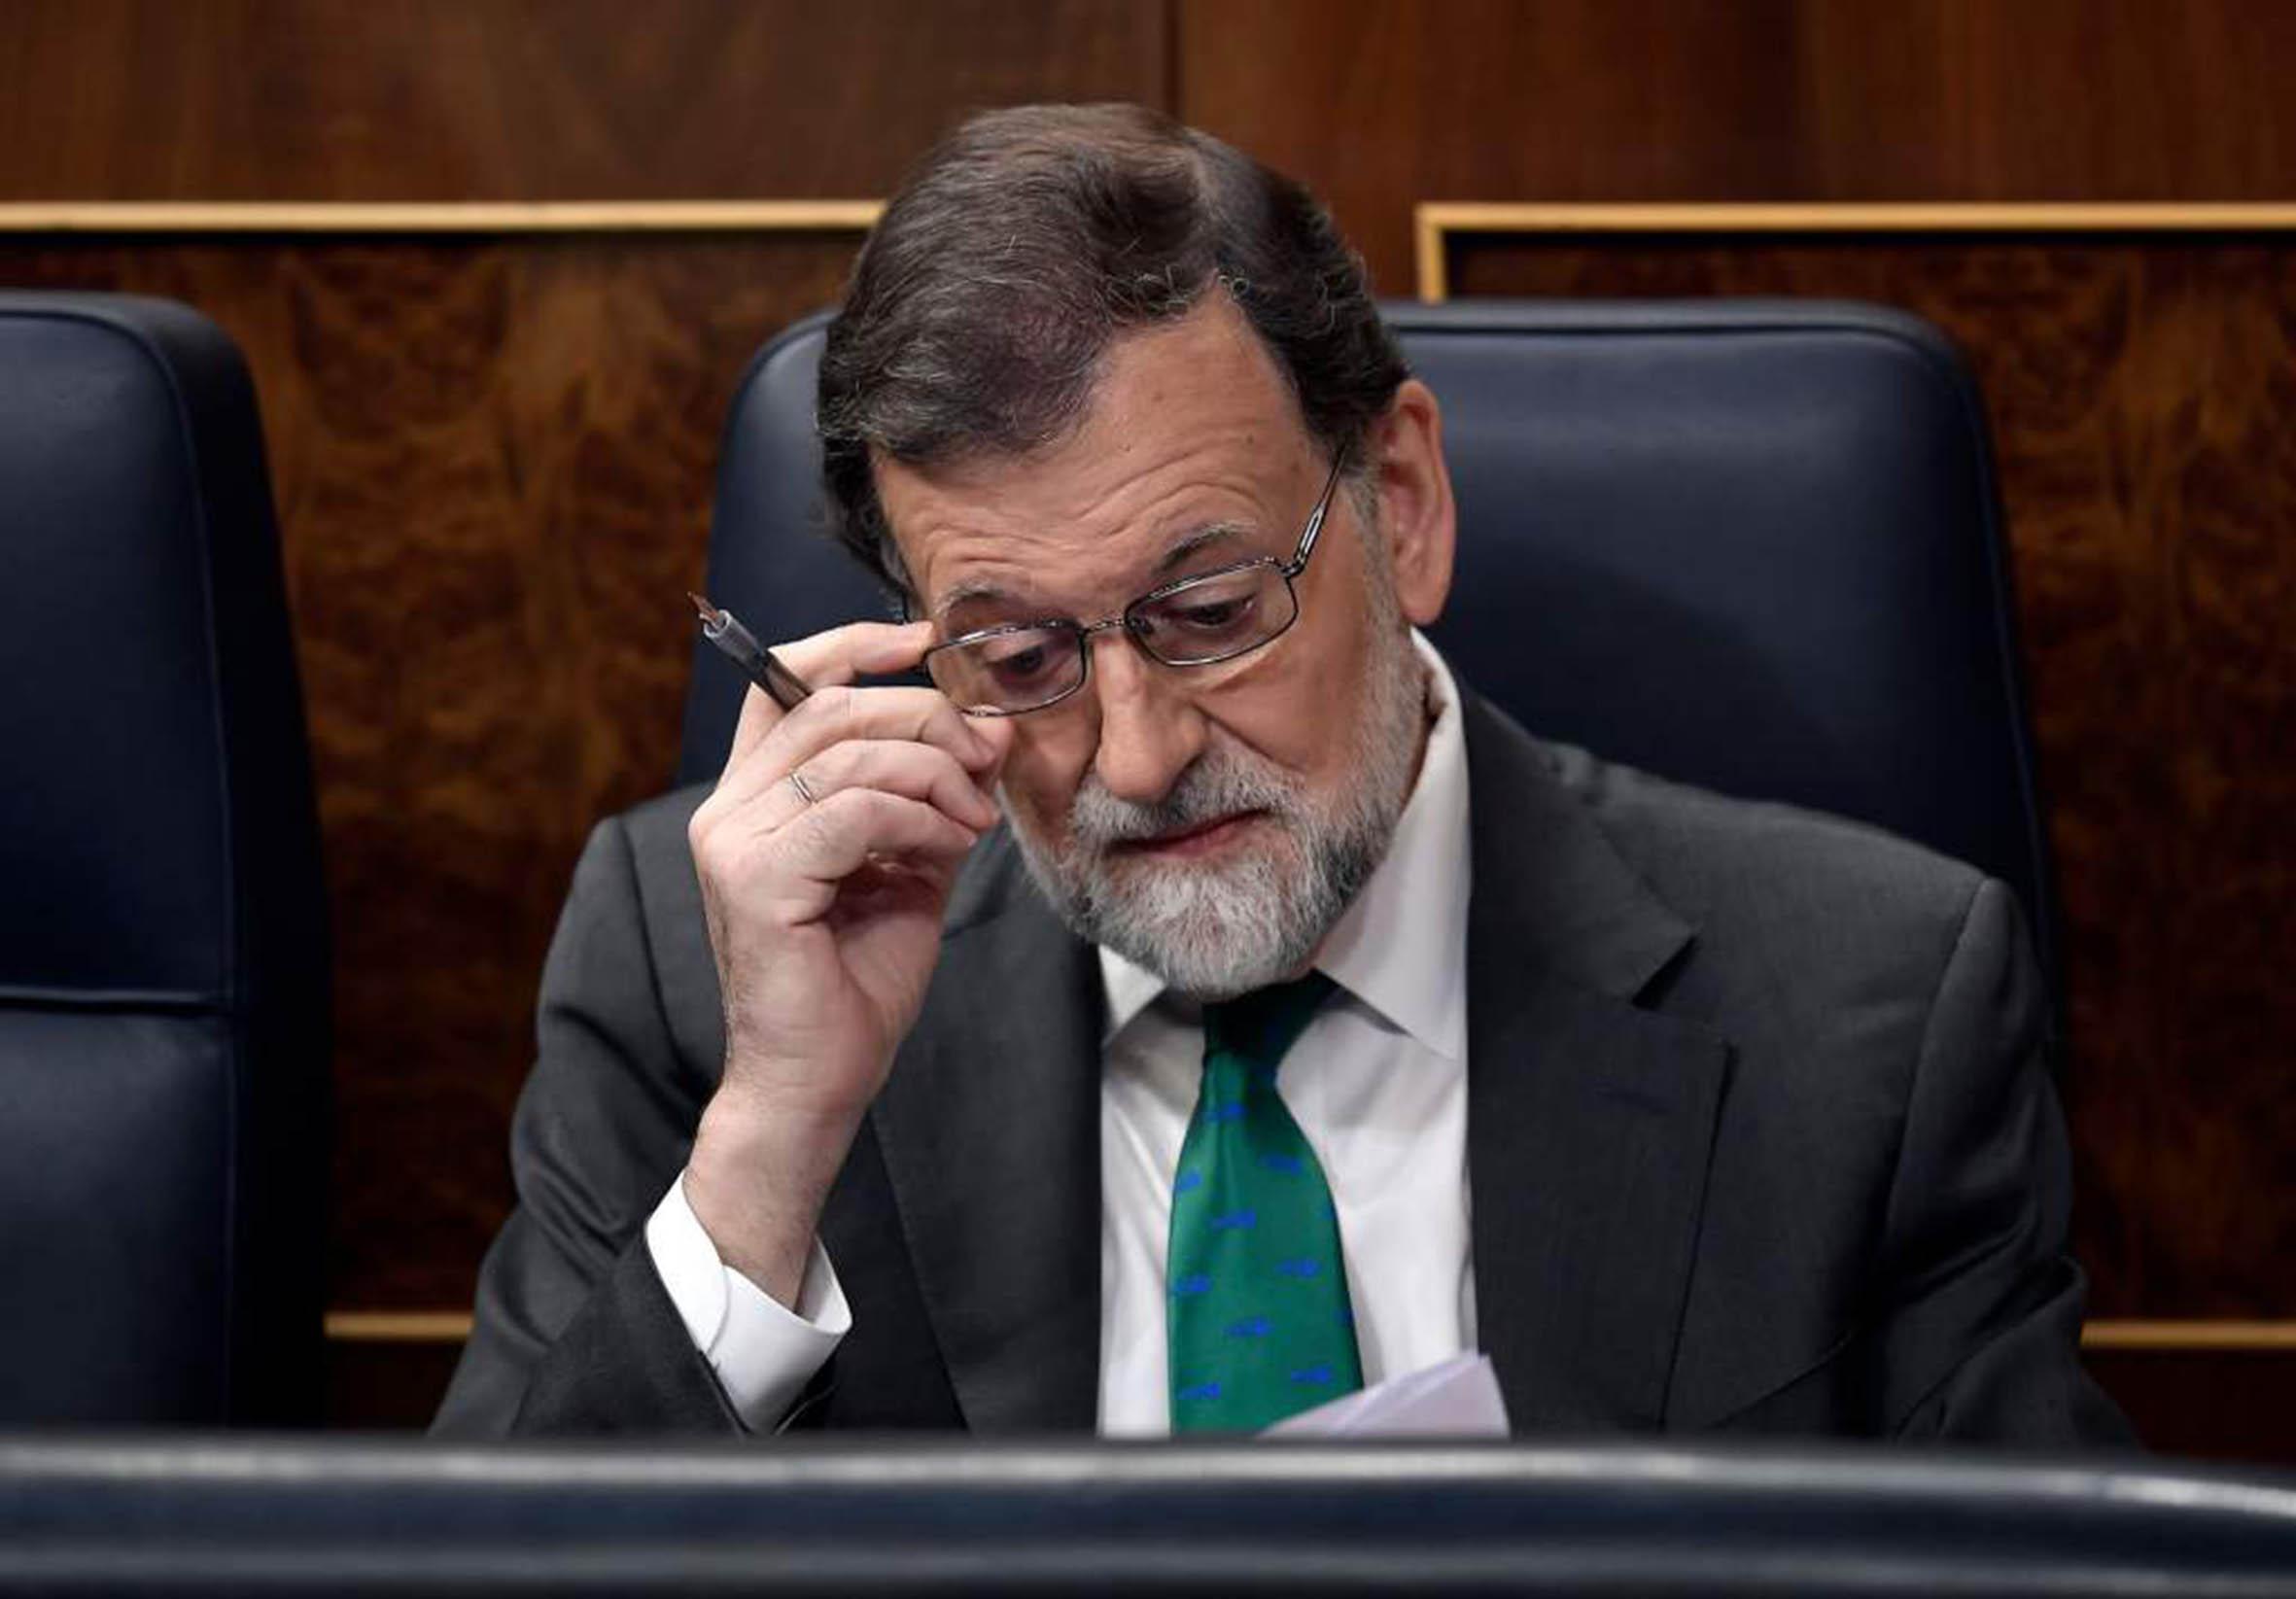 Cese histórico de Rajoy, resultado de larga crisis económica, separatista y de corrupción